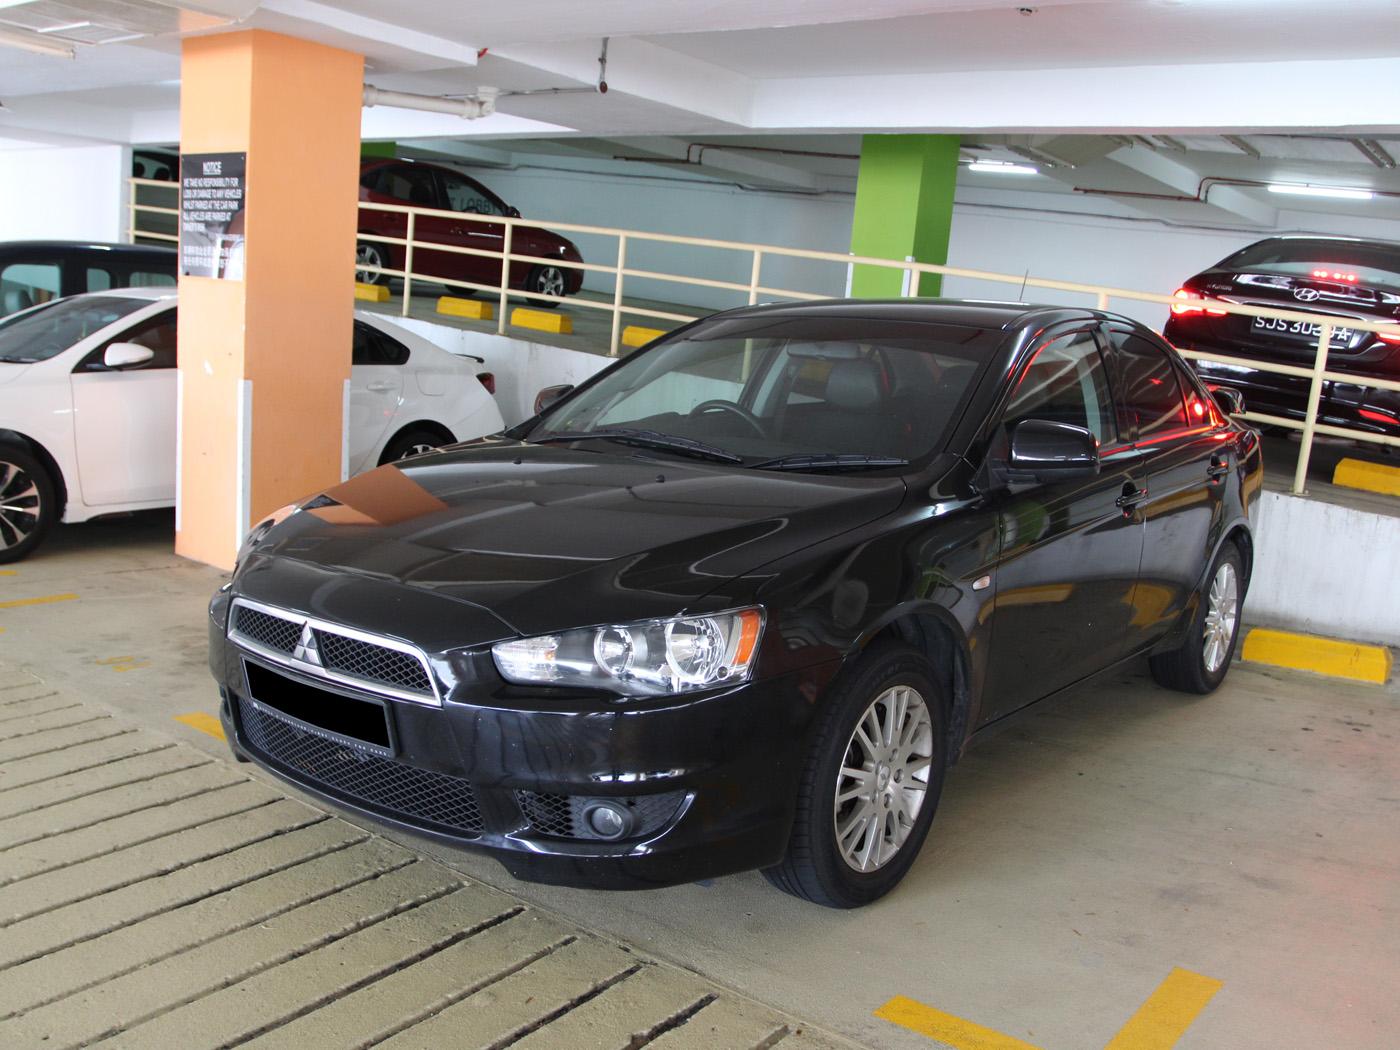 Mitsubishi Lancer 1.6 (For Rent)